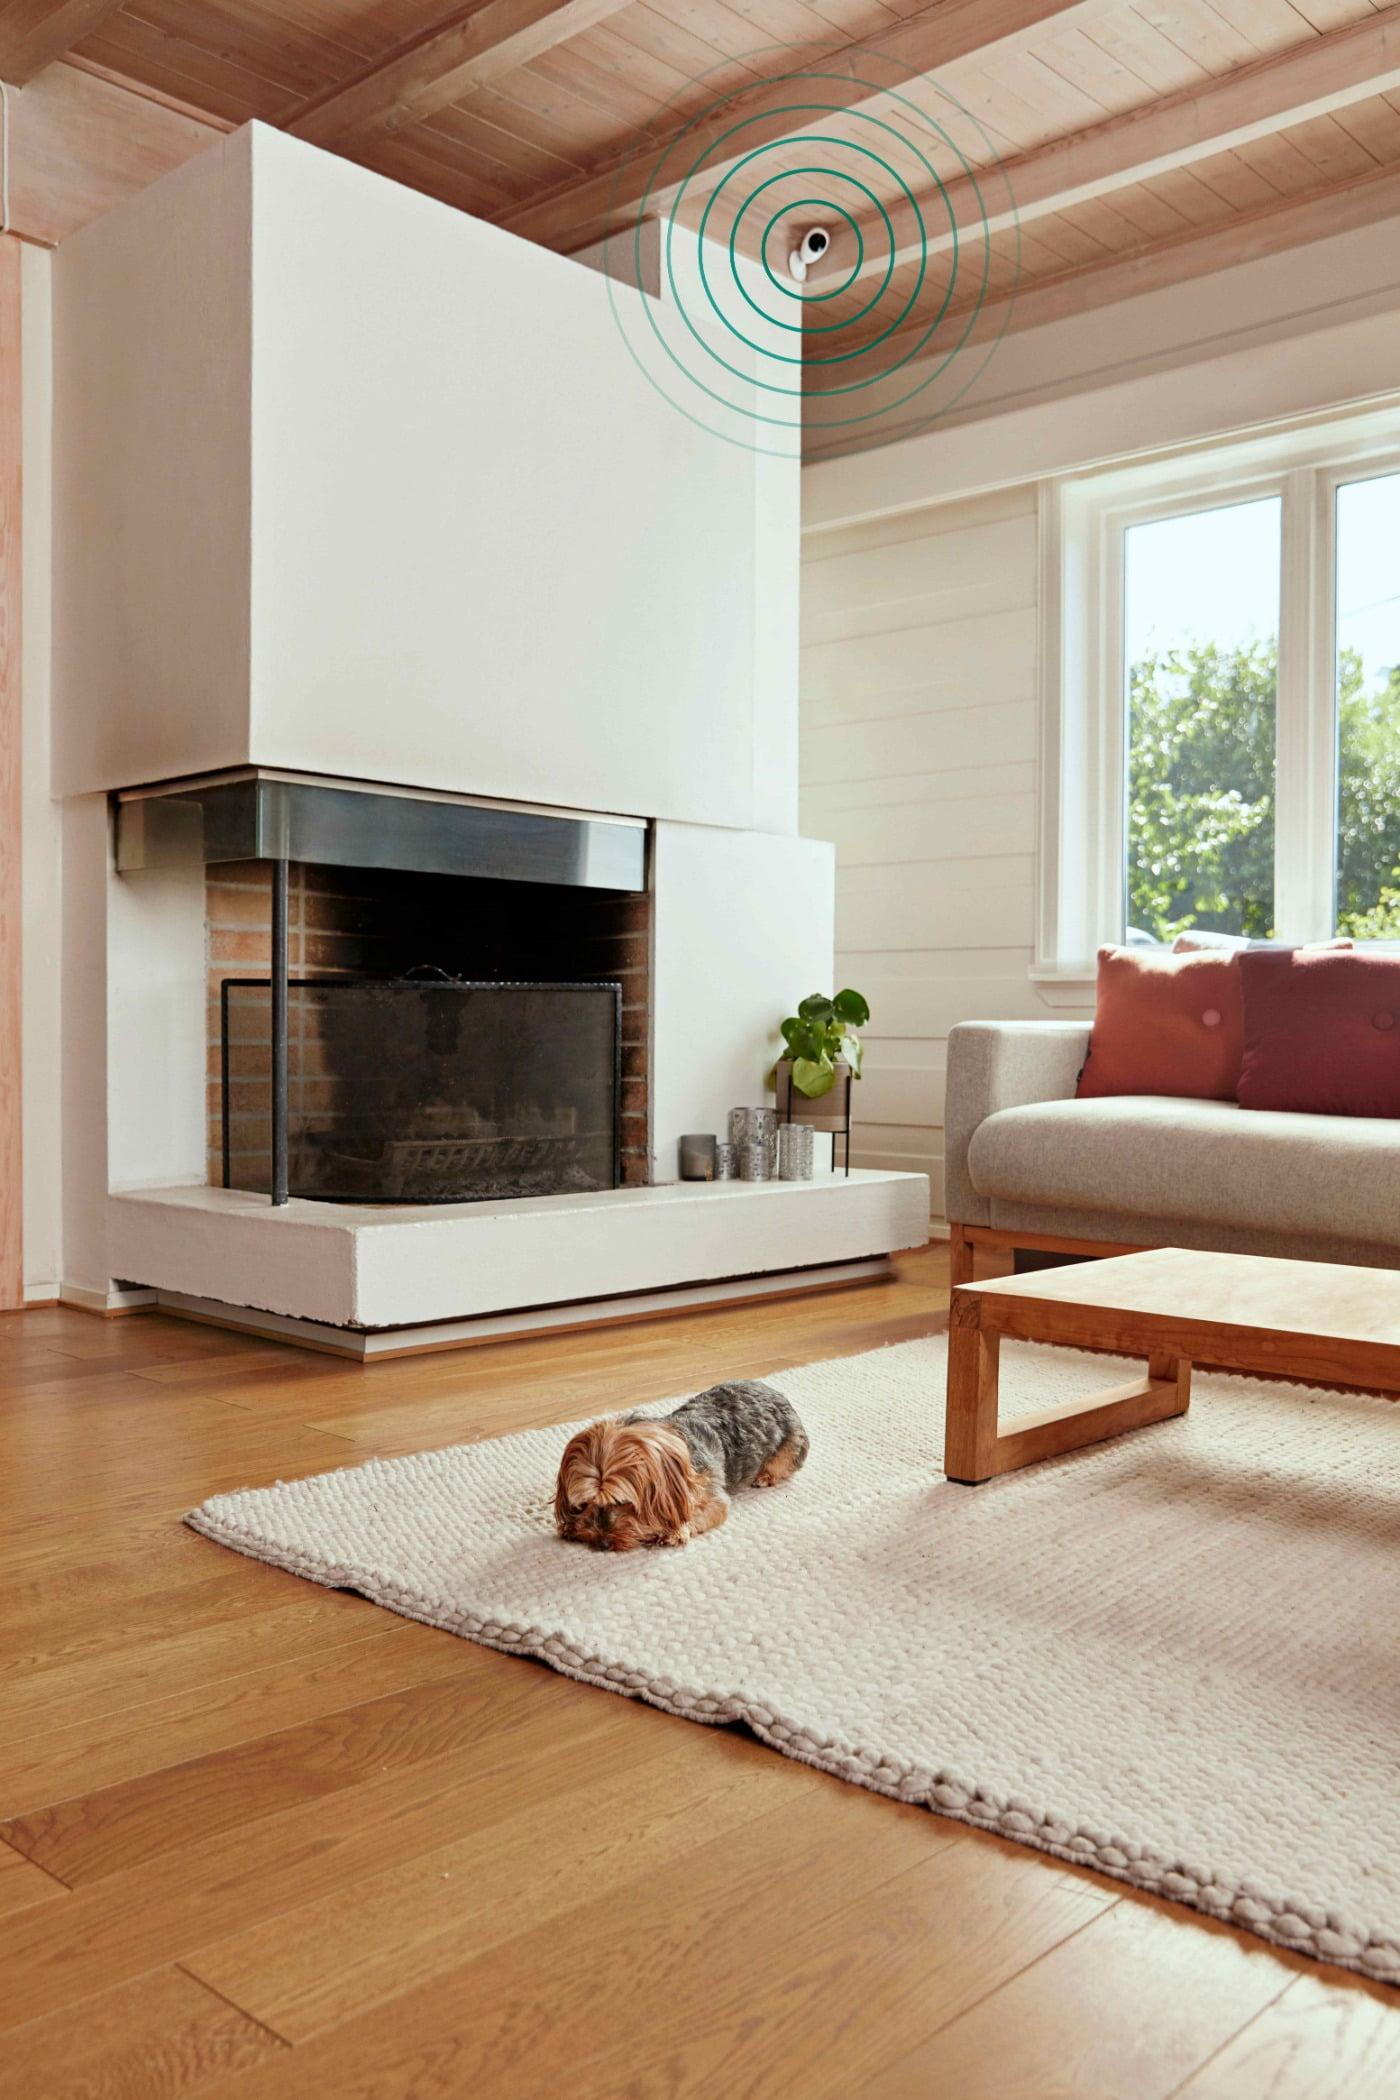 Interior design, Living room, Brown, Couch, Wood, Comfort, Flooring, Hall, Floor, Window